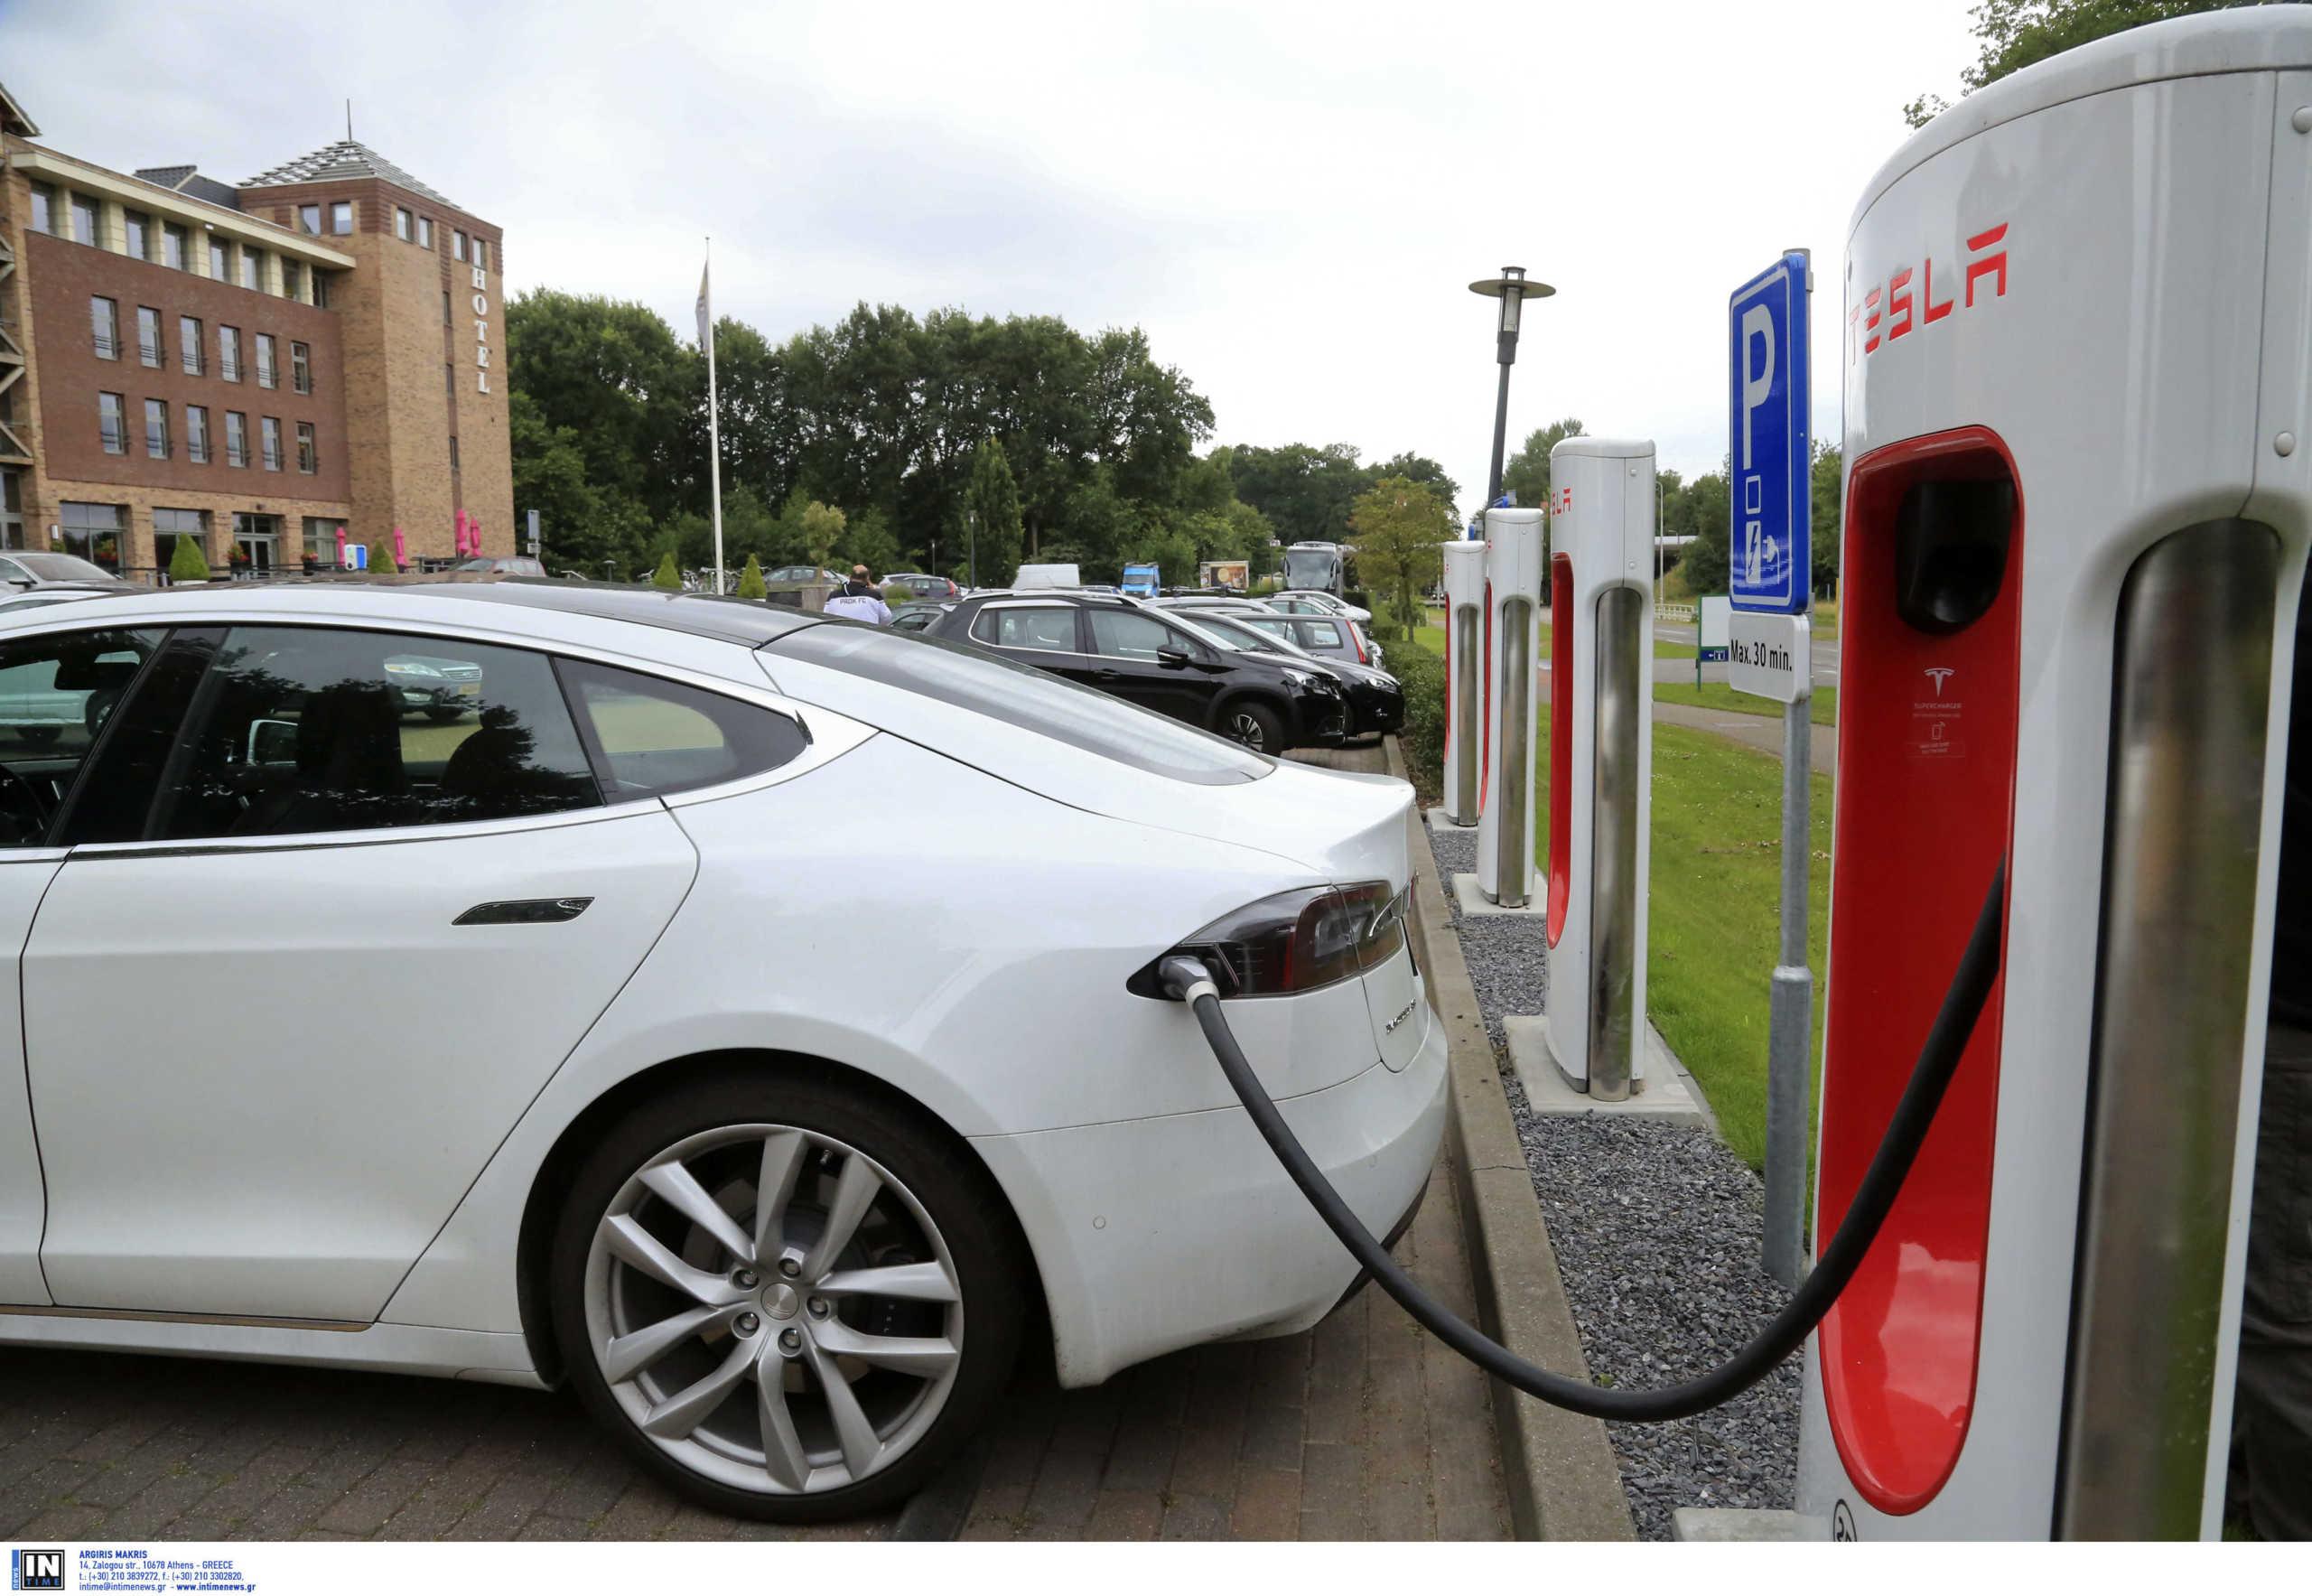 Κινούμαι Ηλεκτρικά: Ποιοι δικαιούνται την επιδότηση – Ποια αυτοκίνητα και ποδήλατα επιδοτούνται